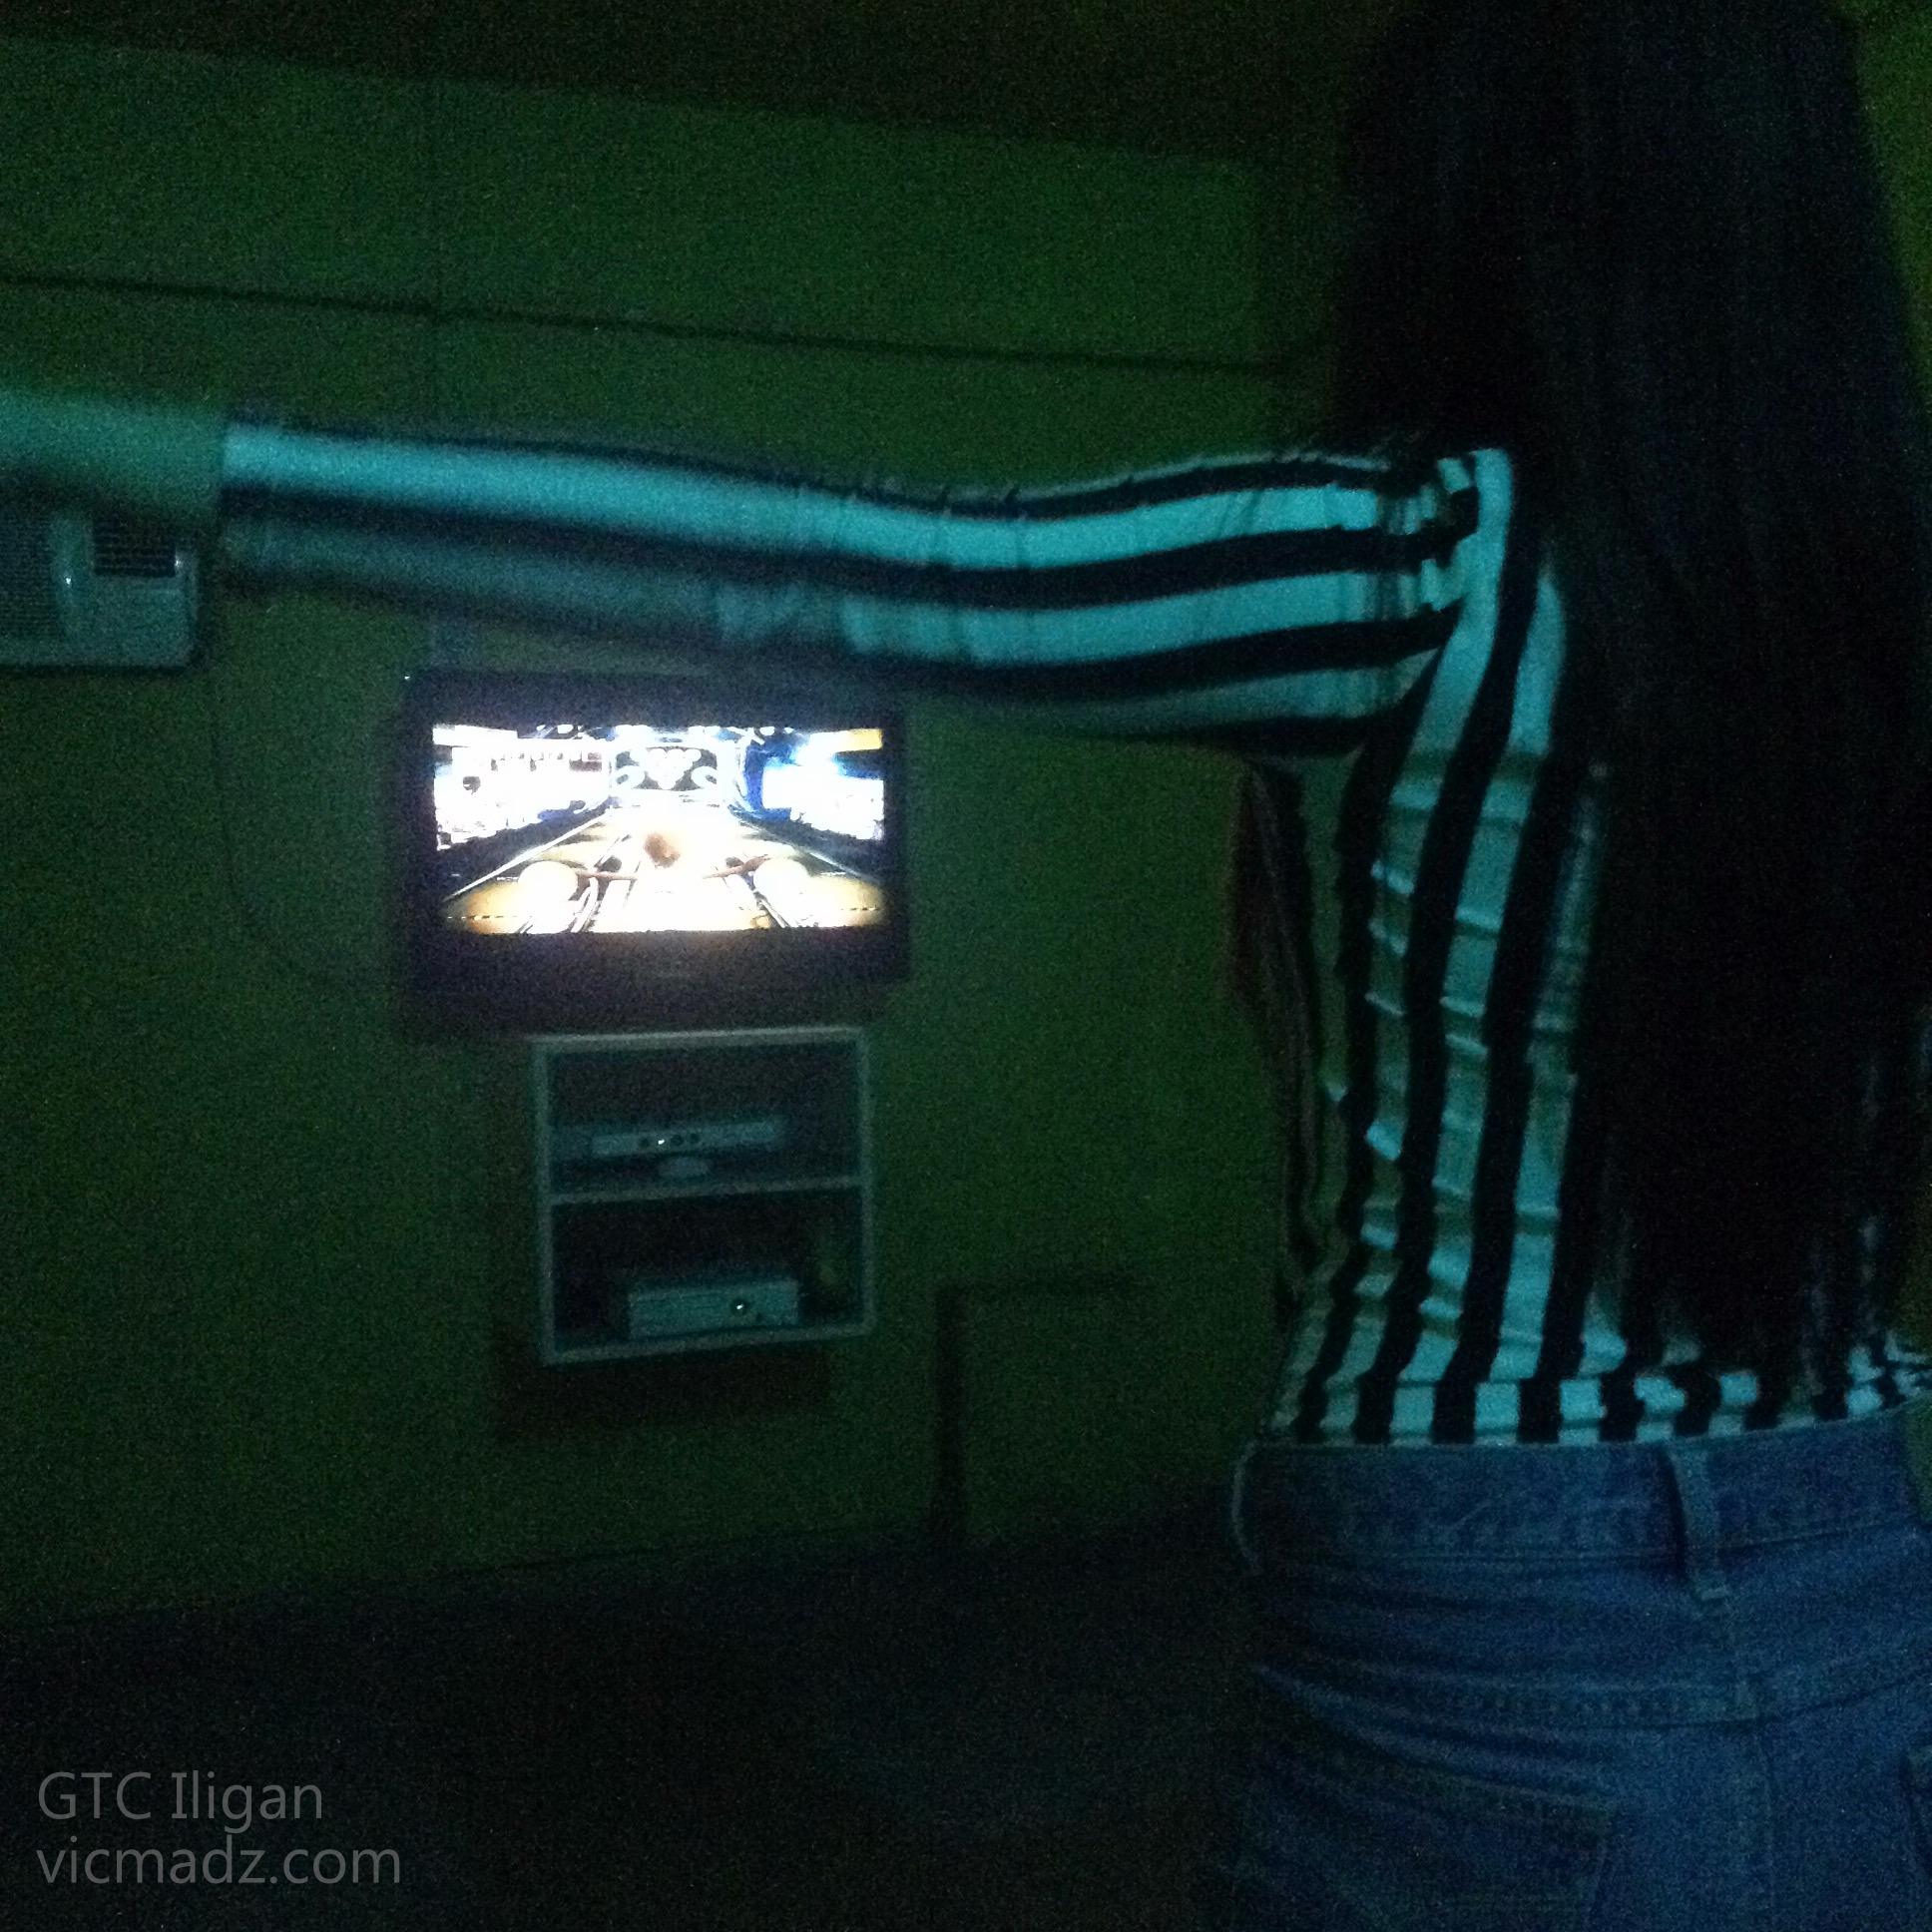 XBOX Kinect - GTC - Iligan